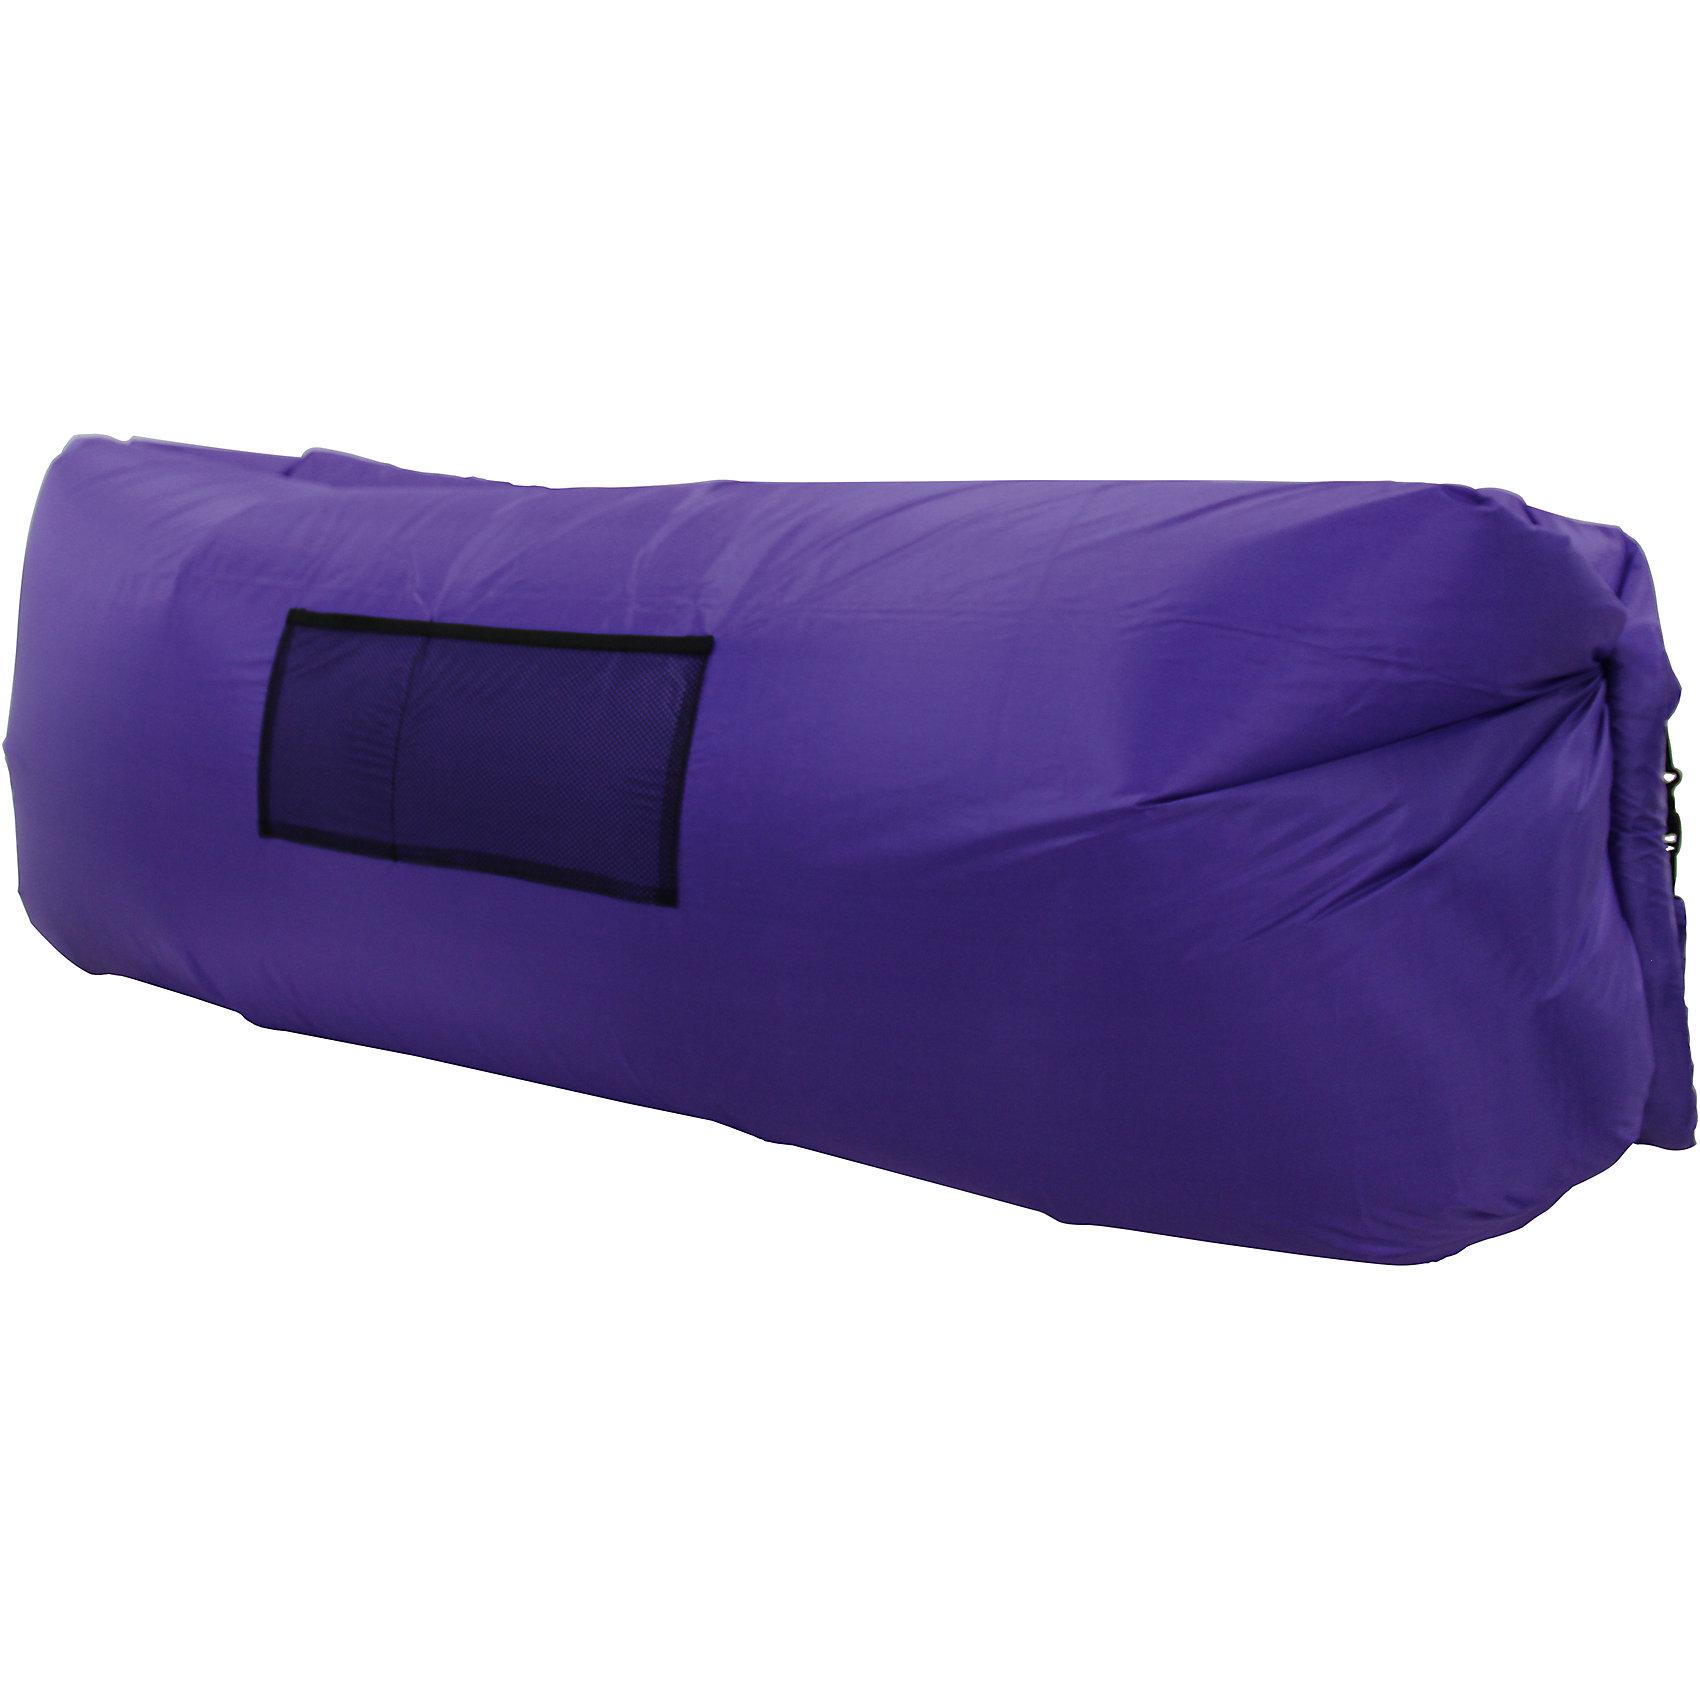 Надувной лежак, фиолетовый